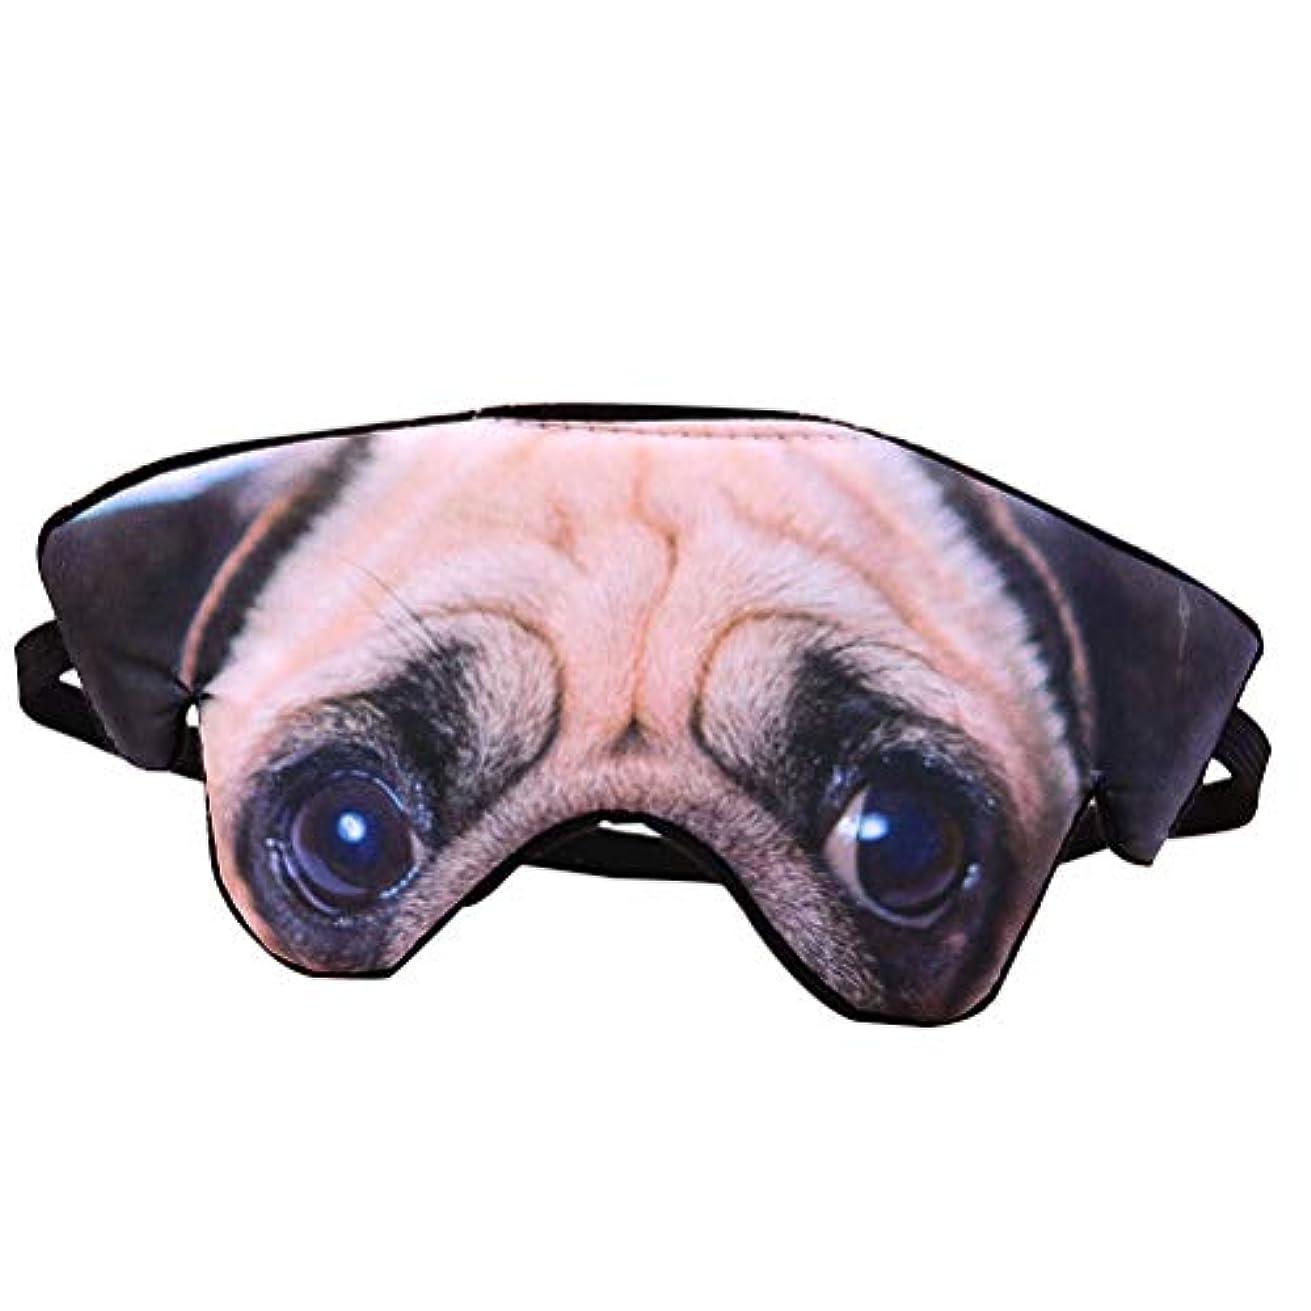 ヤング船上フェデレーションHealifty 3Dアイマスクシェードナップカバー目隠しレストエイド疲労アイパッドスリープゴーグル(Pug)